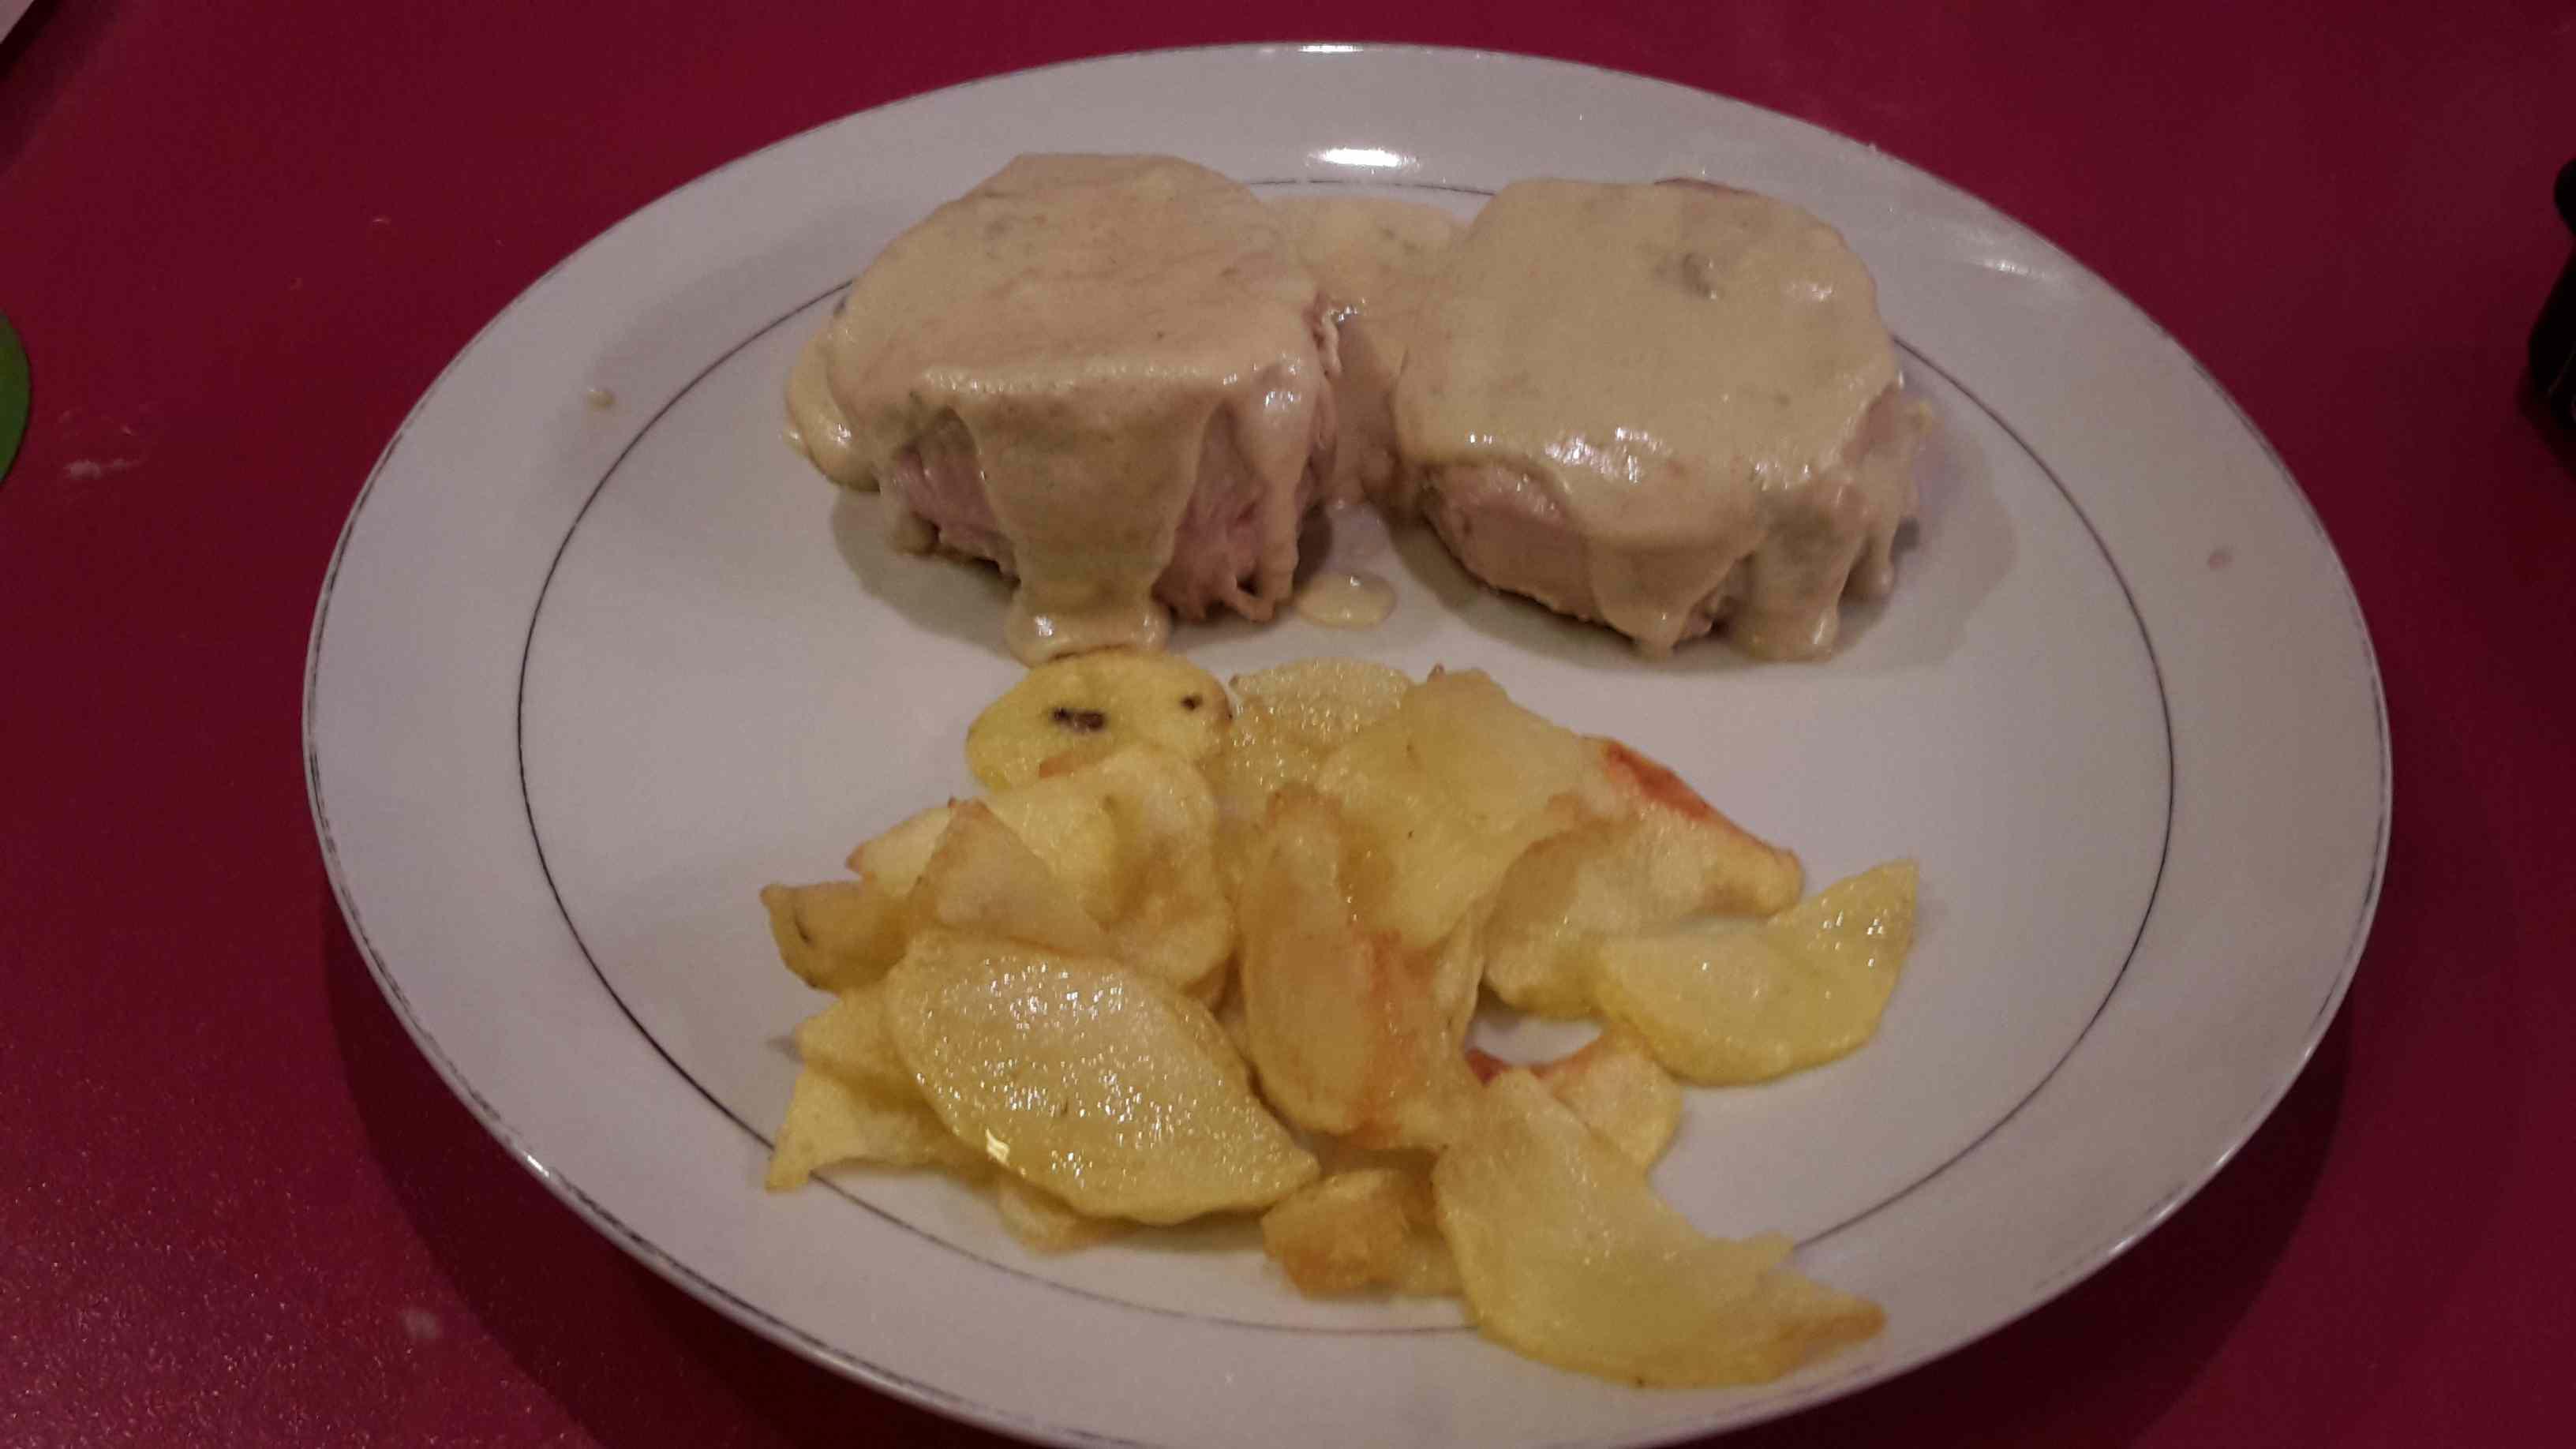 Medaglioni di vitello con salsa al gorgonzola e chips